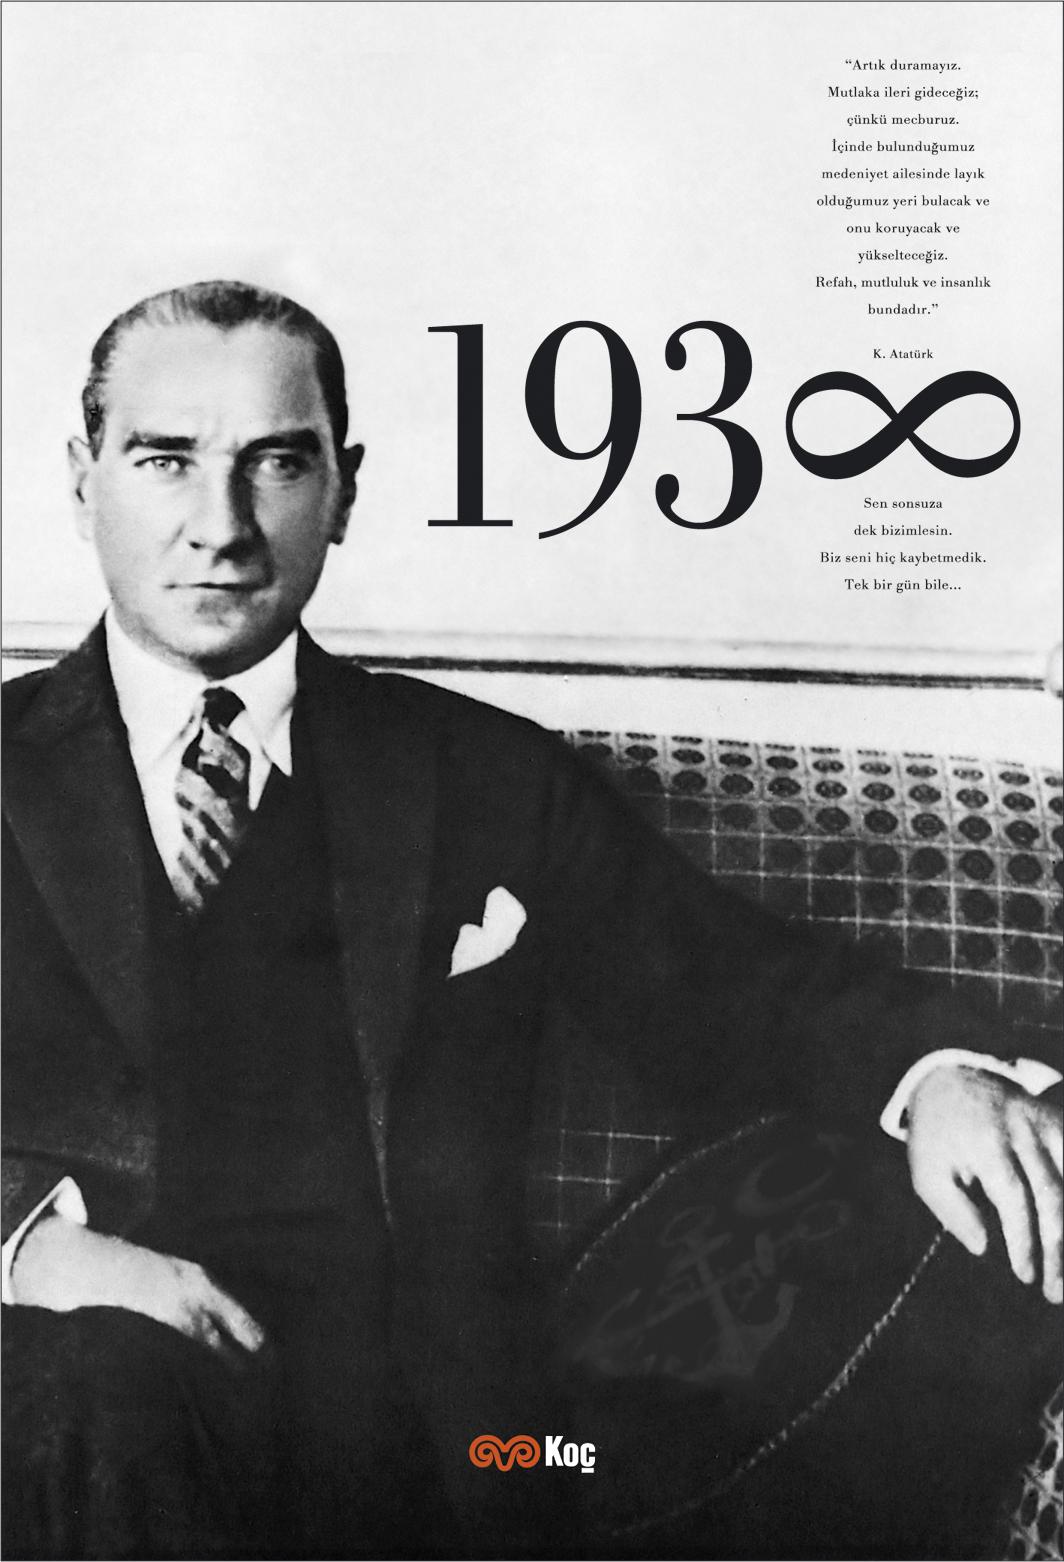 Atatürkün Matematik Alanında Yaptığı çalışmalar